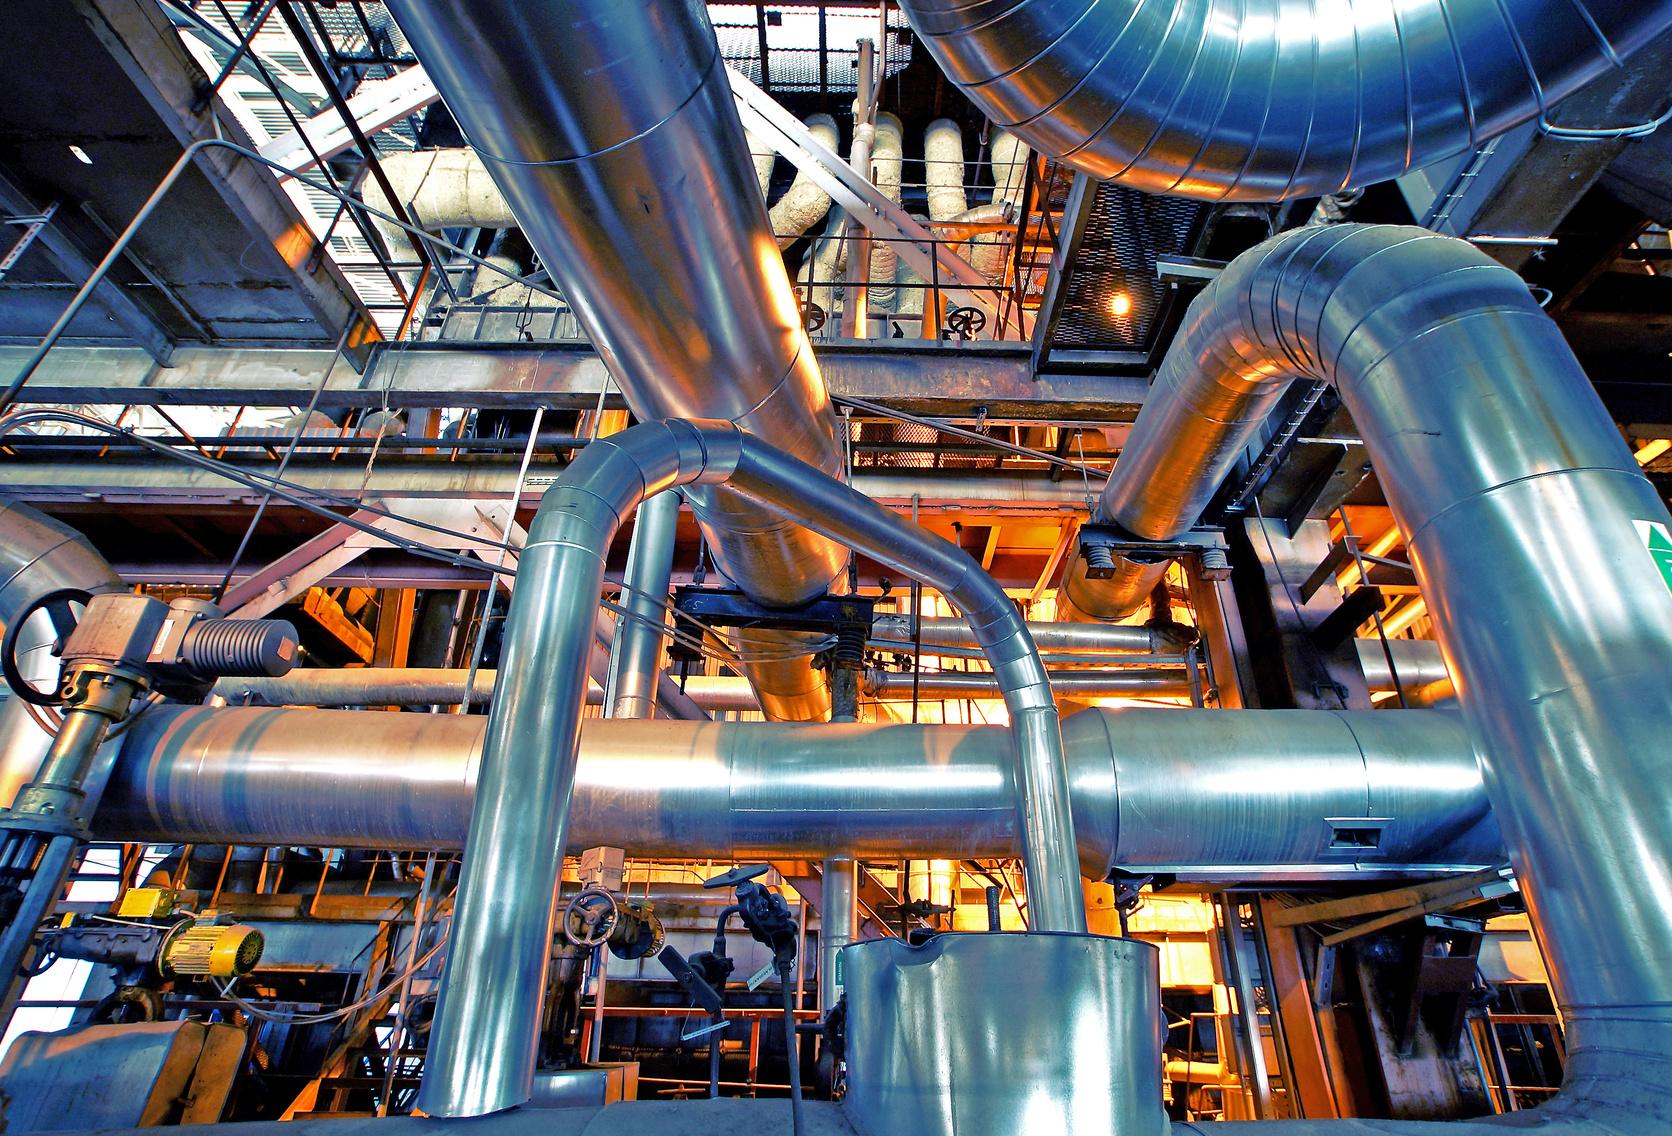 intégration des énergies renouvelables et de récupération